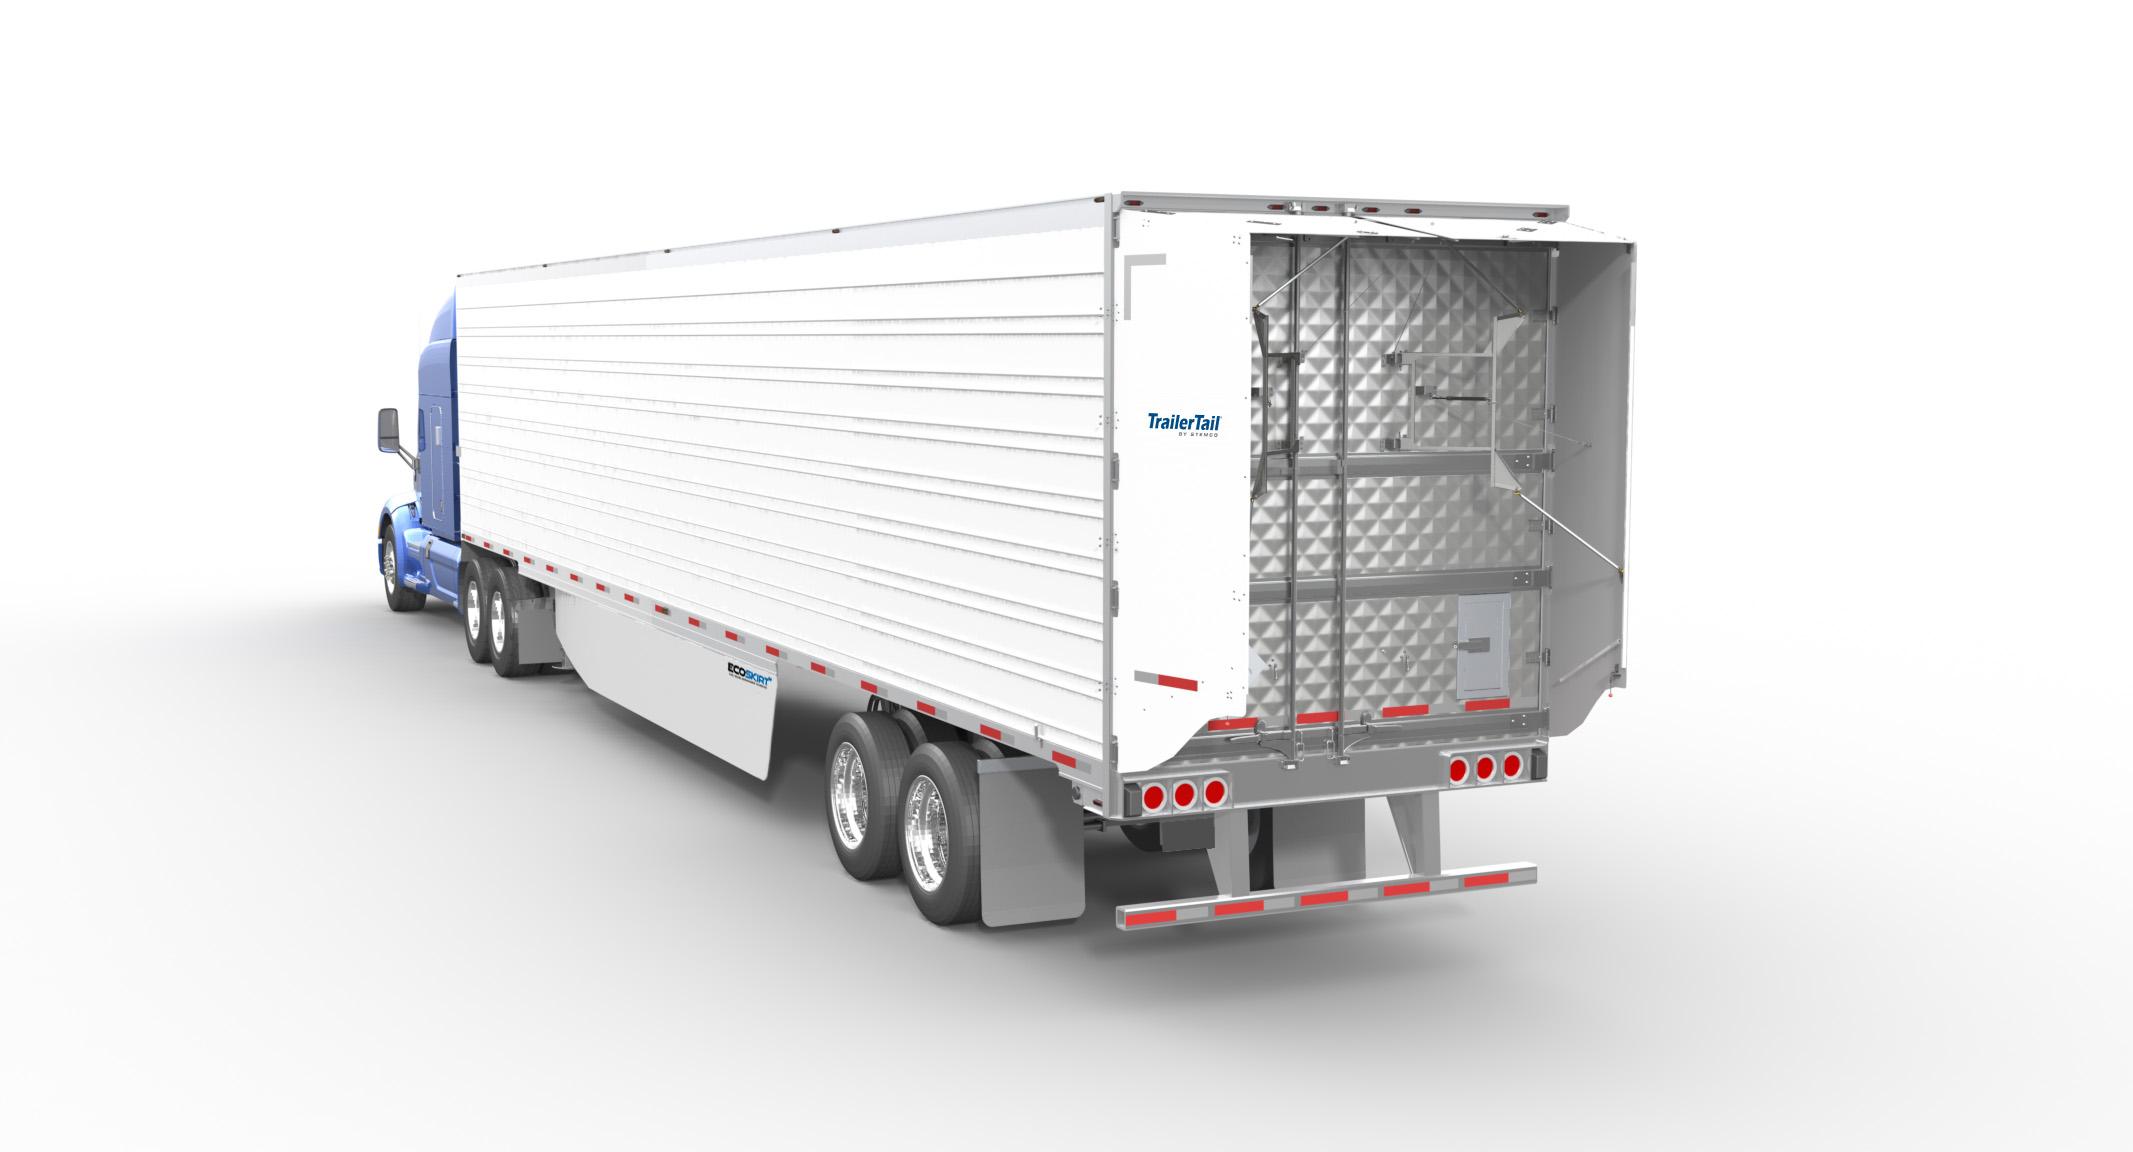 stemco-trailertail-zerotouch